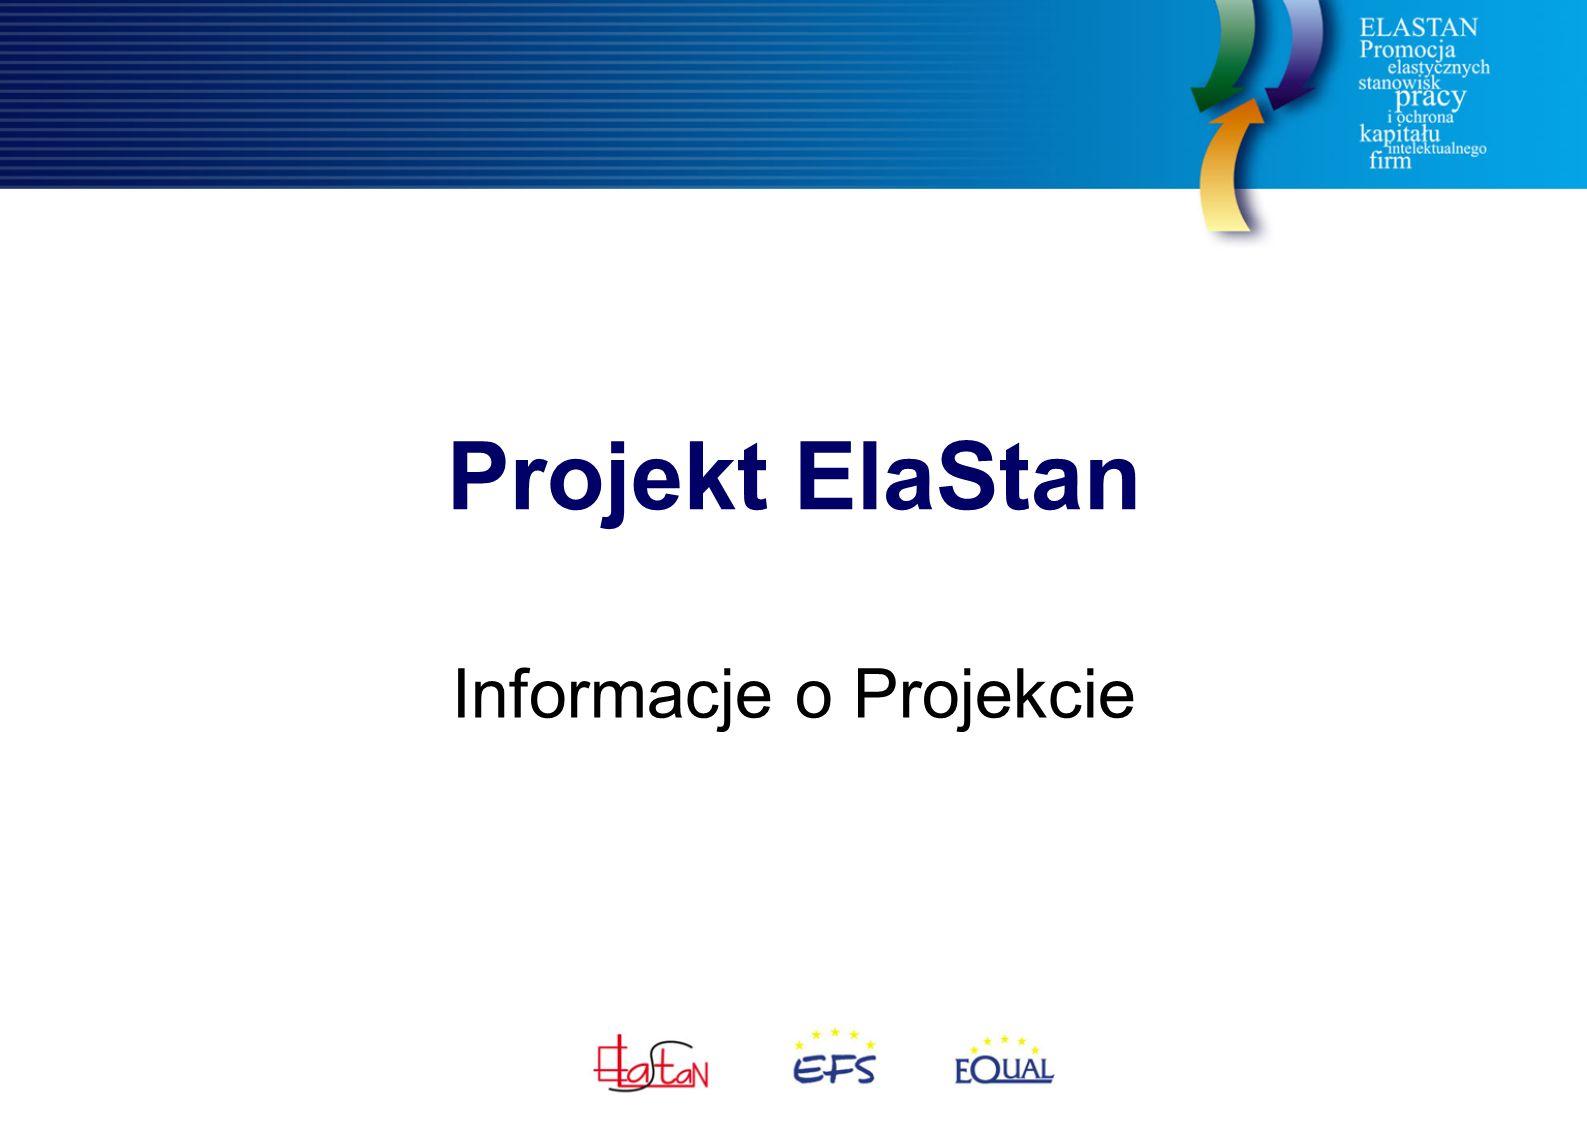 Projekt ElaStan Informacje o Projekcie